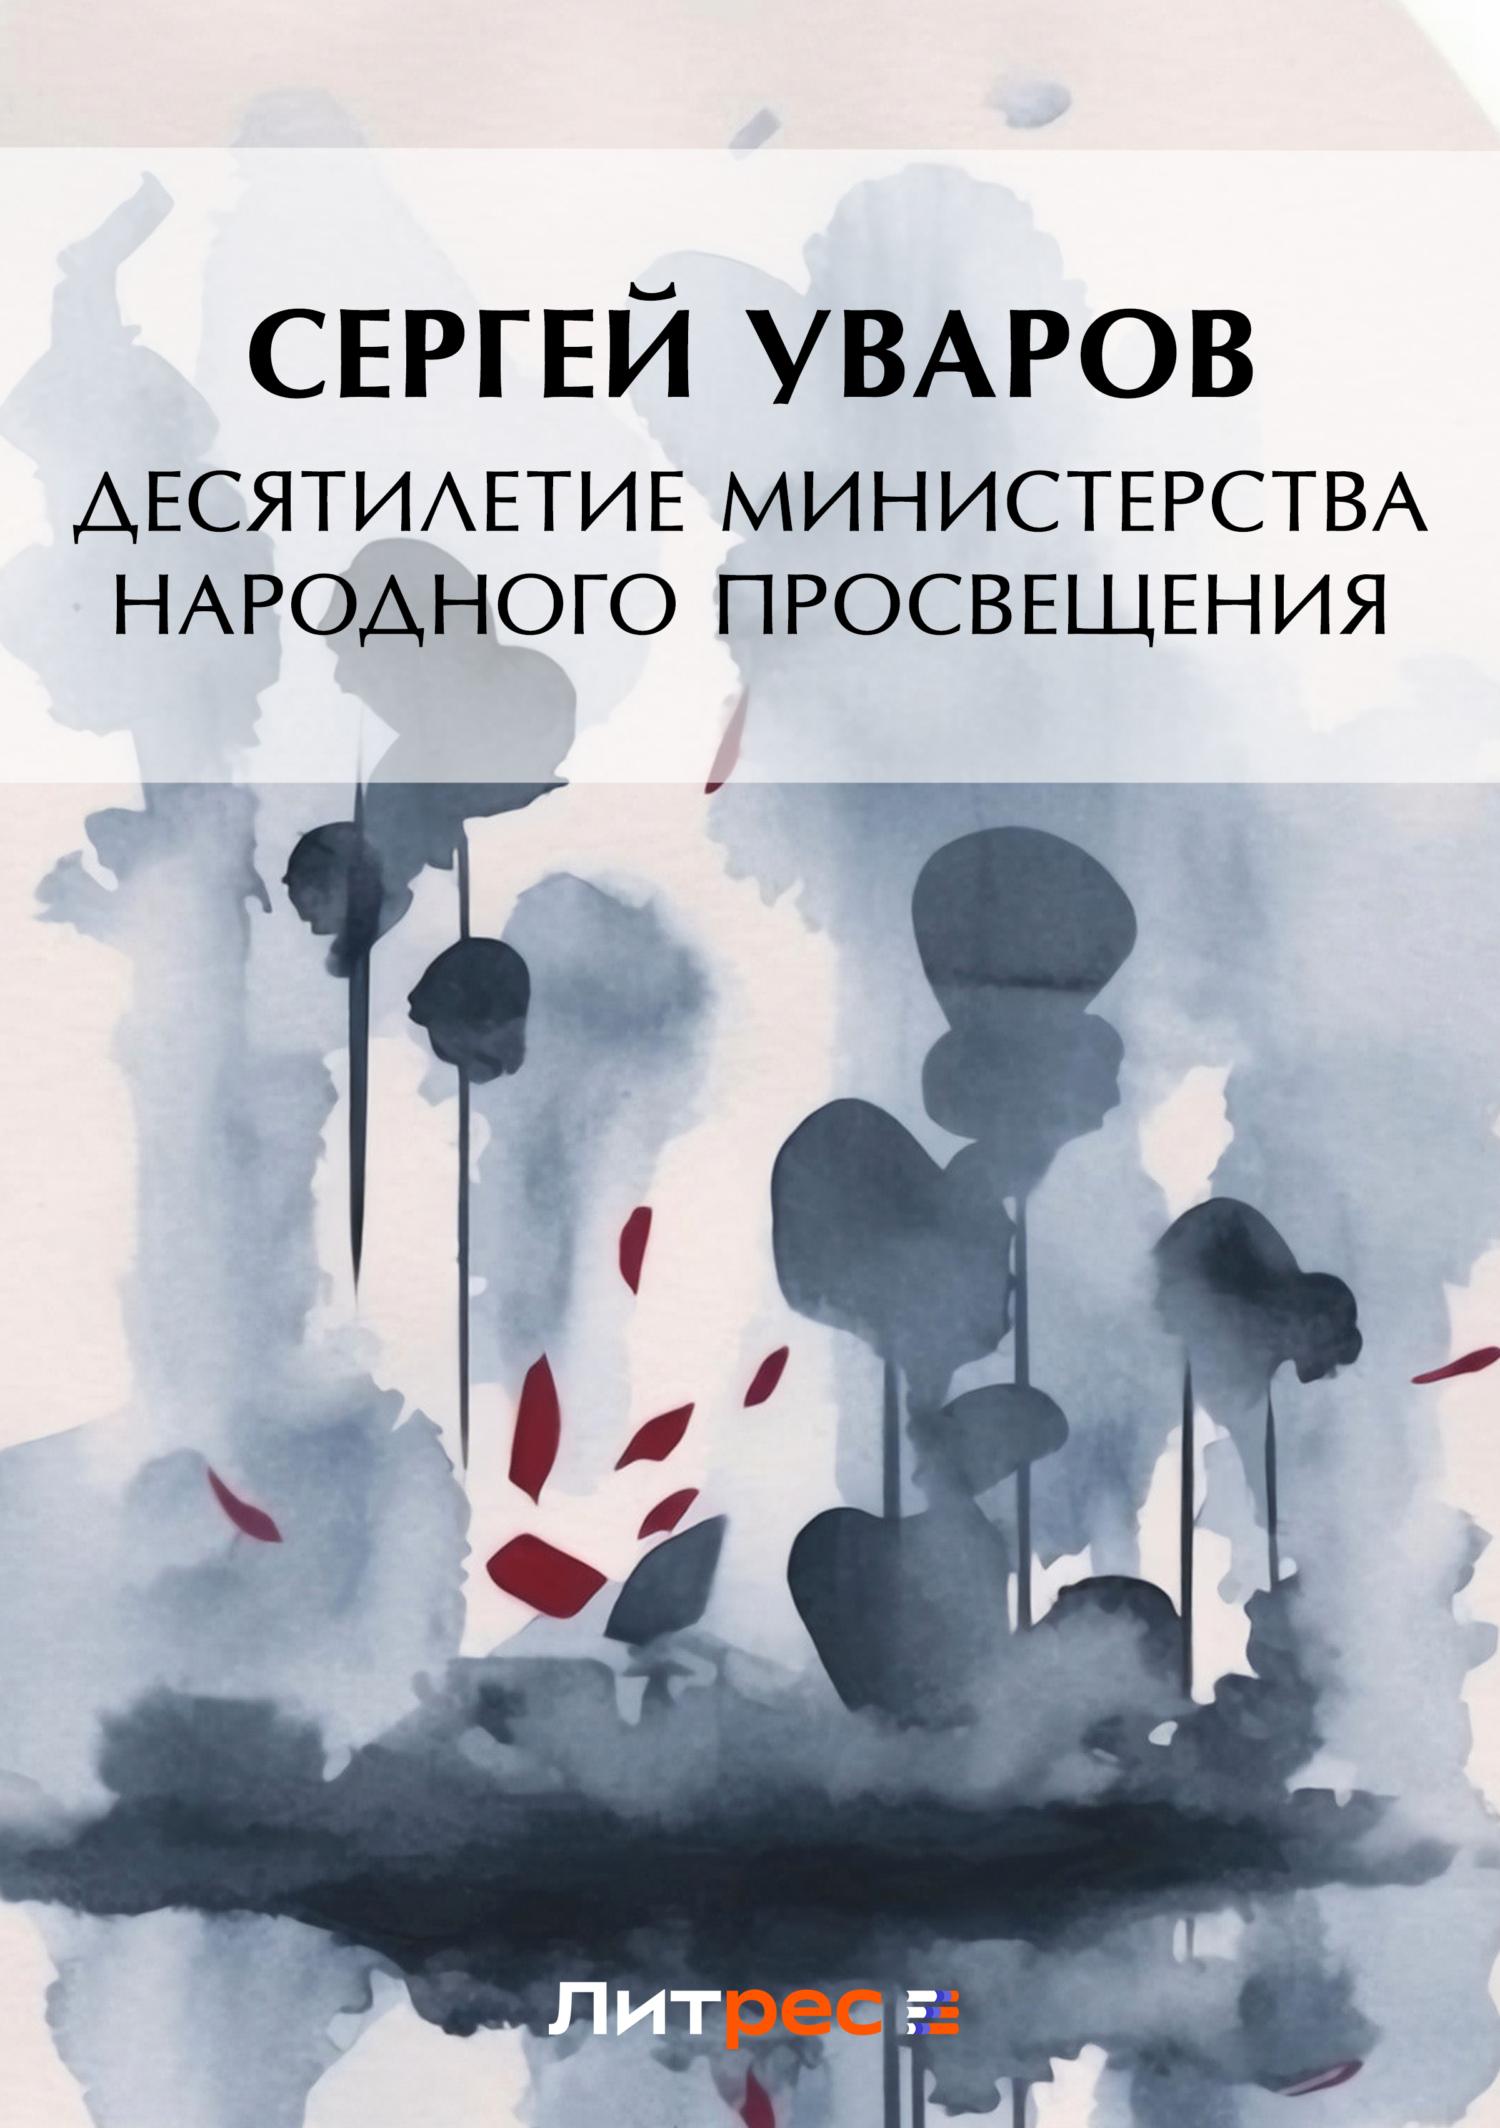 Десятилетие Министерства народного просвещения